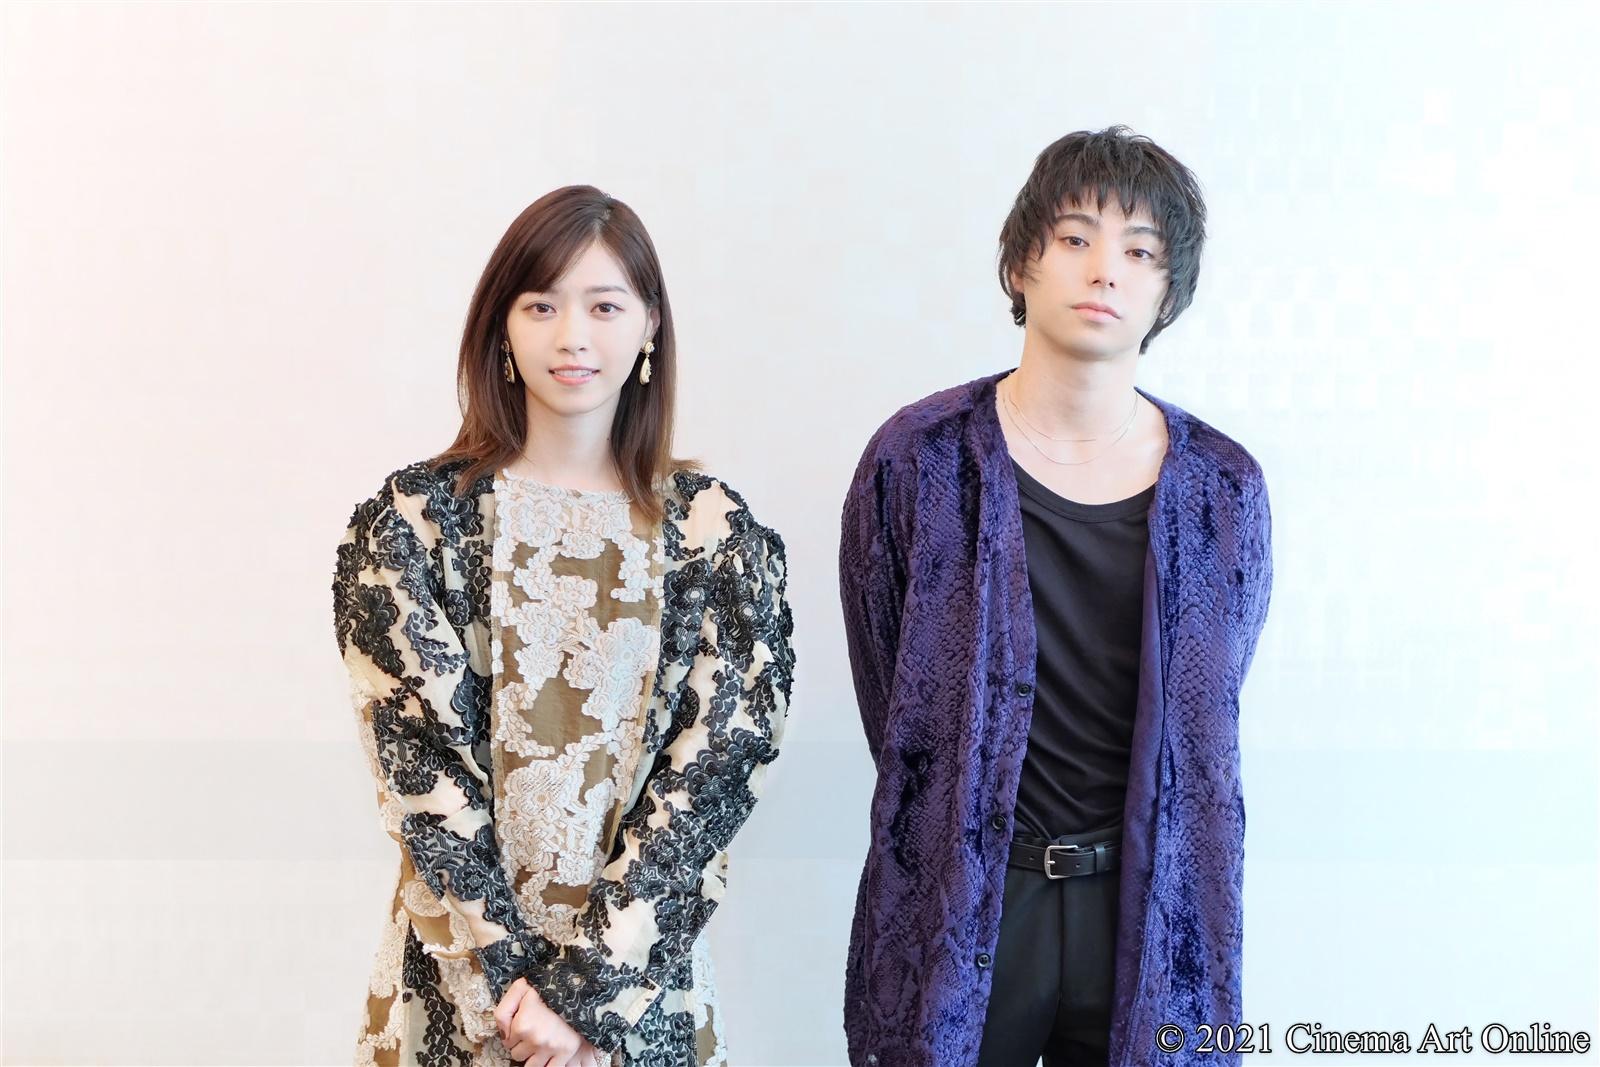 【写真】映画『孤狼の血』西野七瀬×村上虹郎 インタビュー